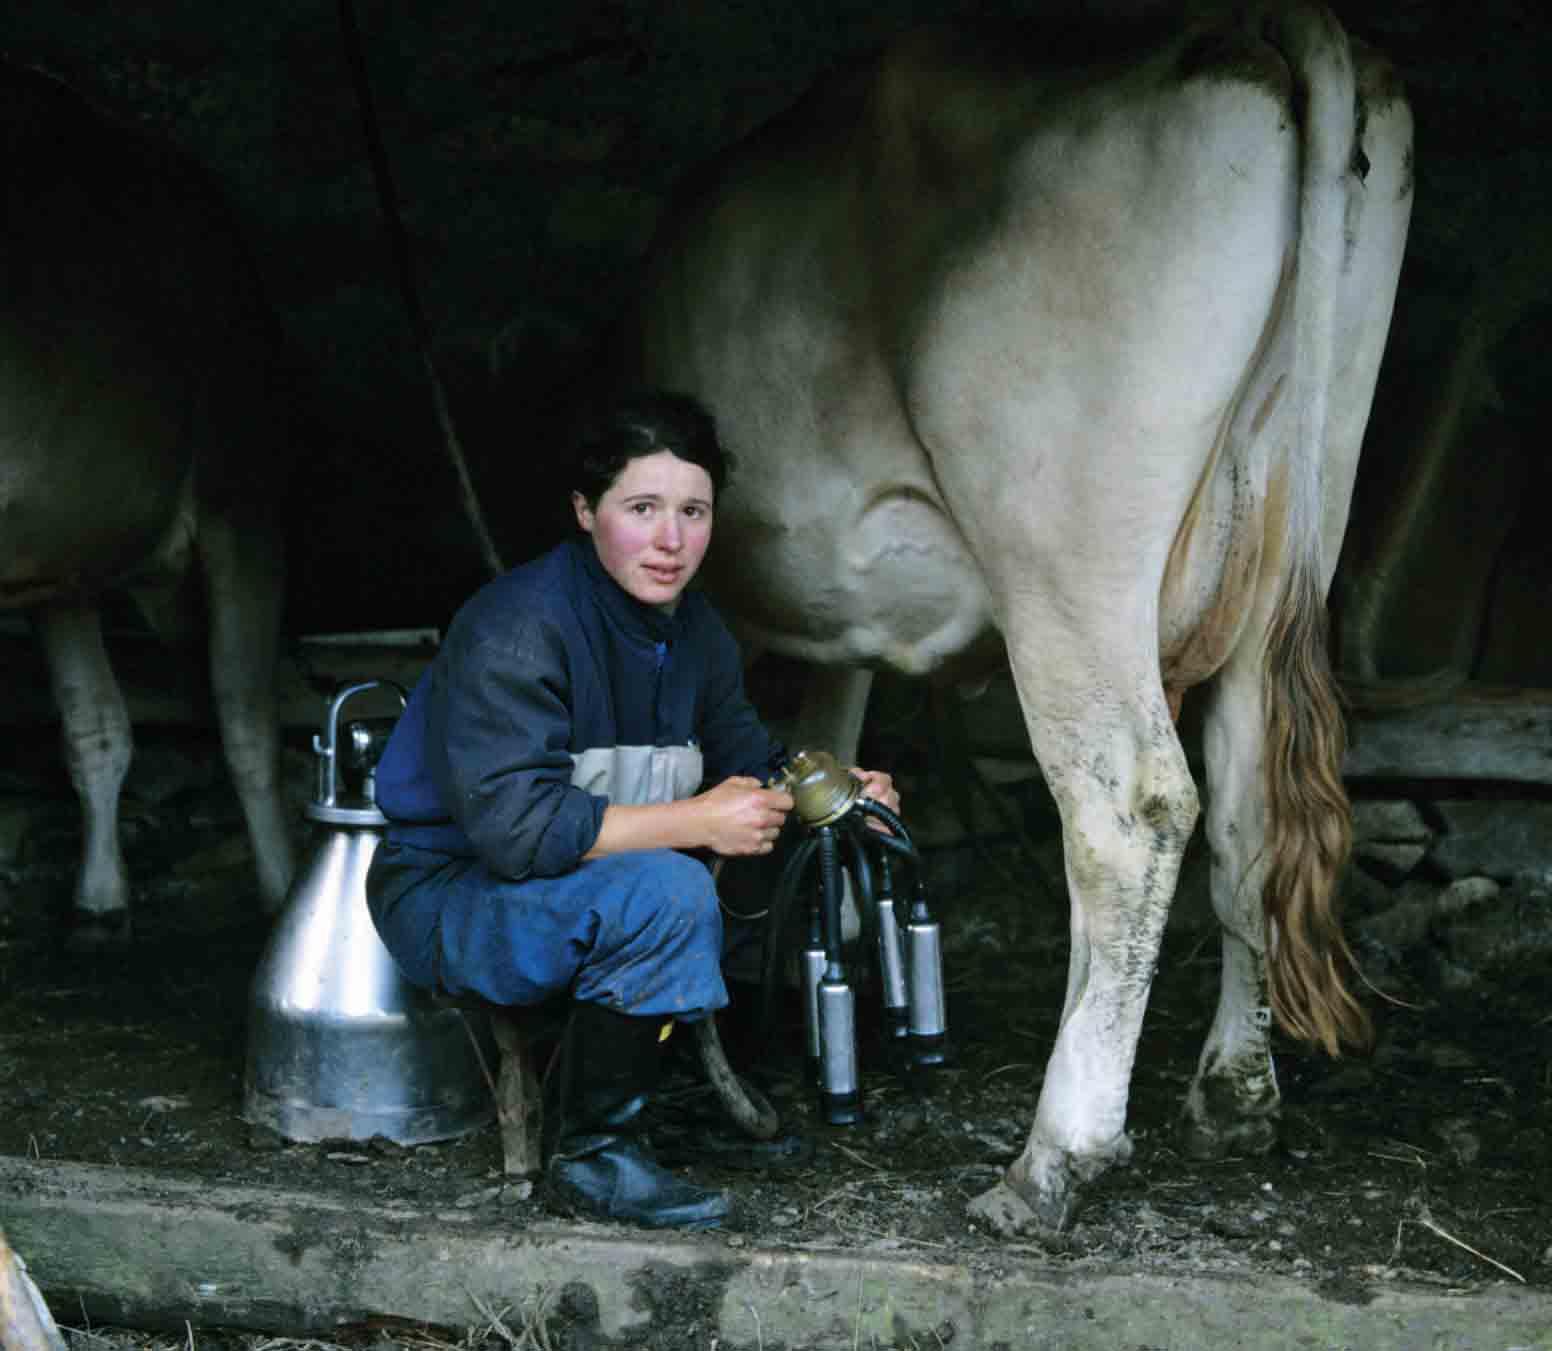 BERGAMOSICENZA 2013 – Come il latte diventa stracchino: domenica laboratori di caseificazione con il Parco delle Orobie Bergamasche